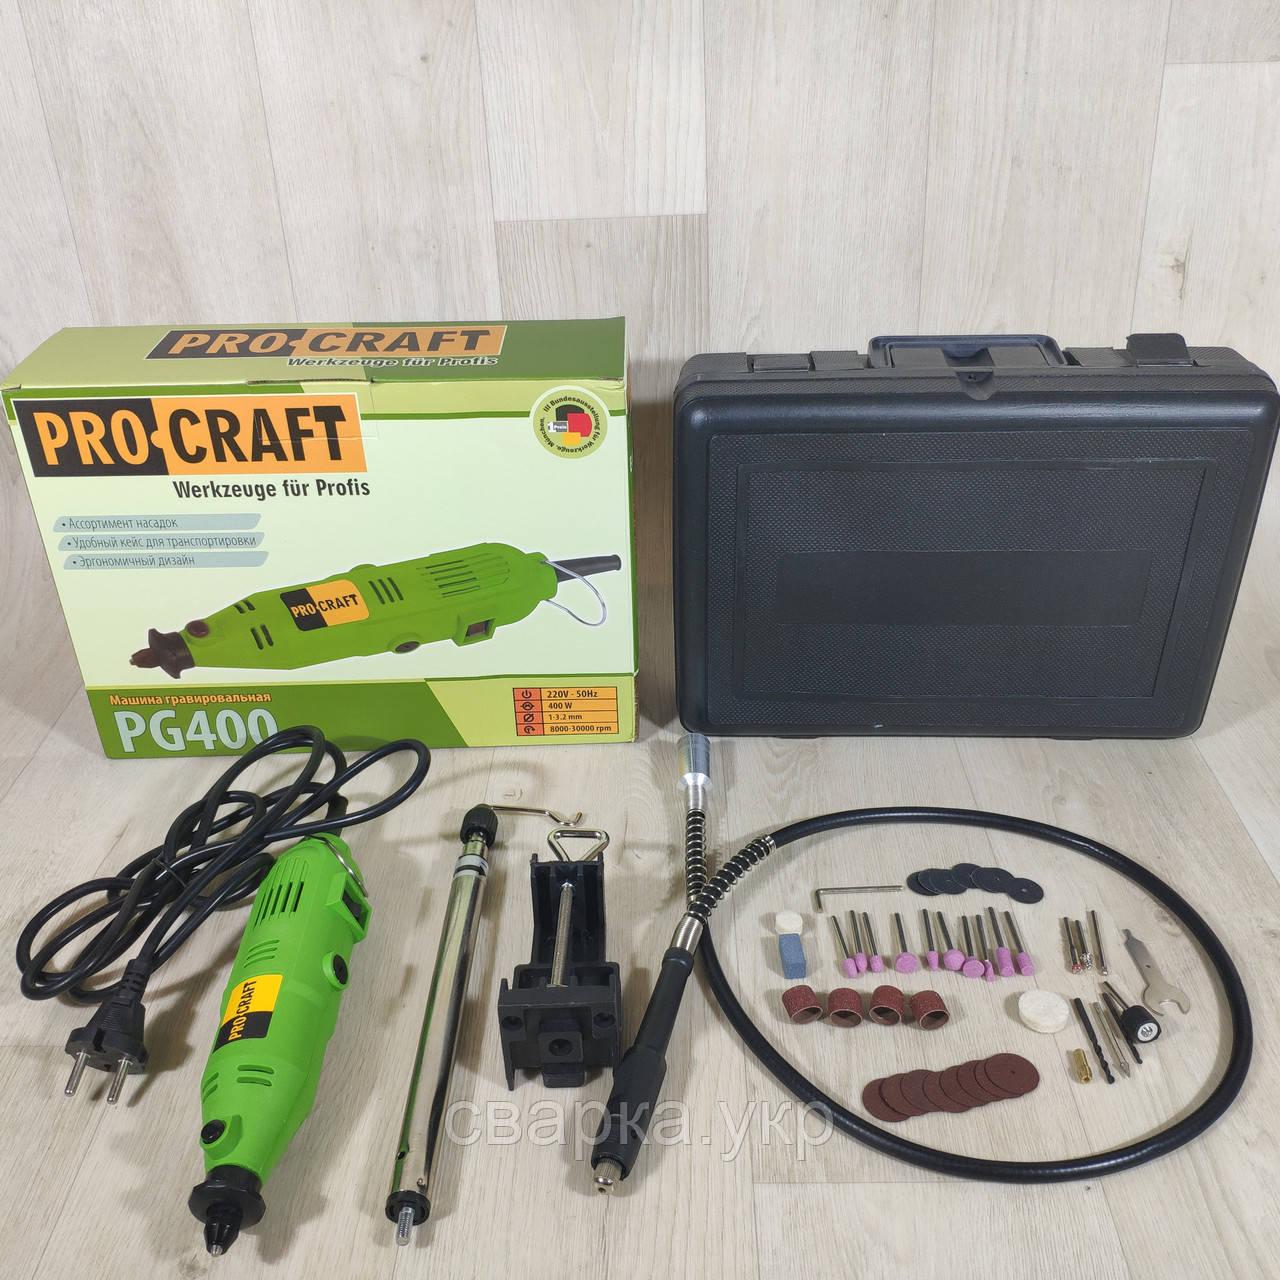 Гравер ProCraft PG400 с патроном в кейсе